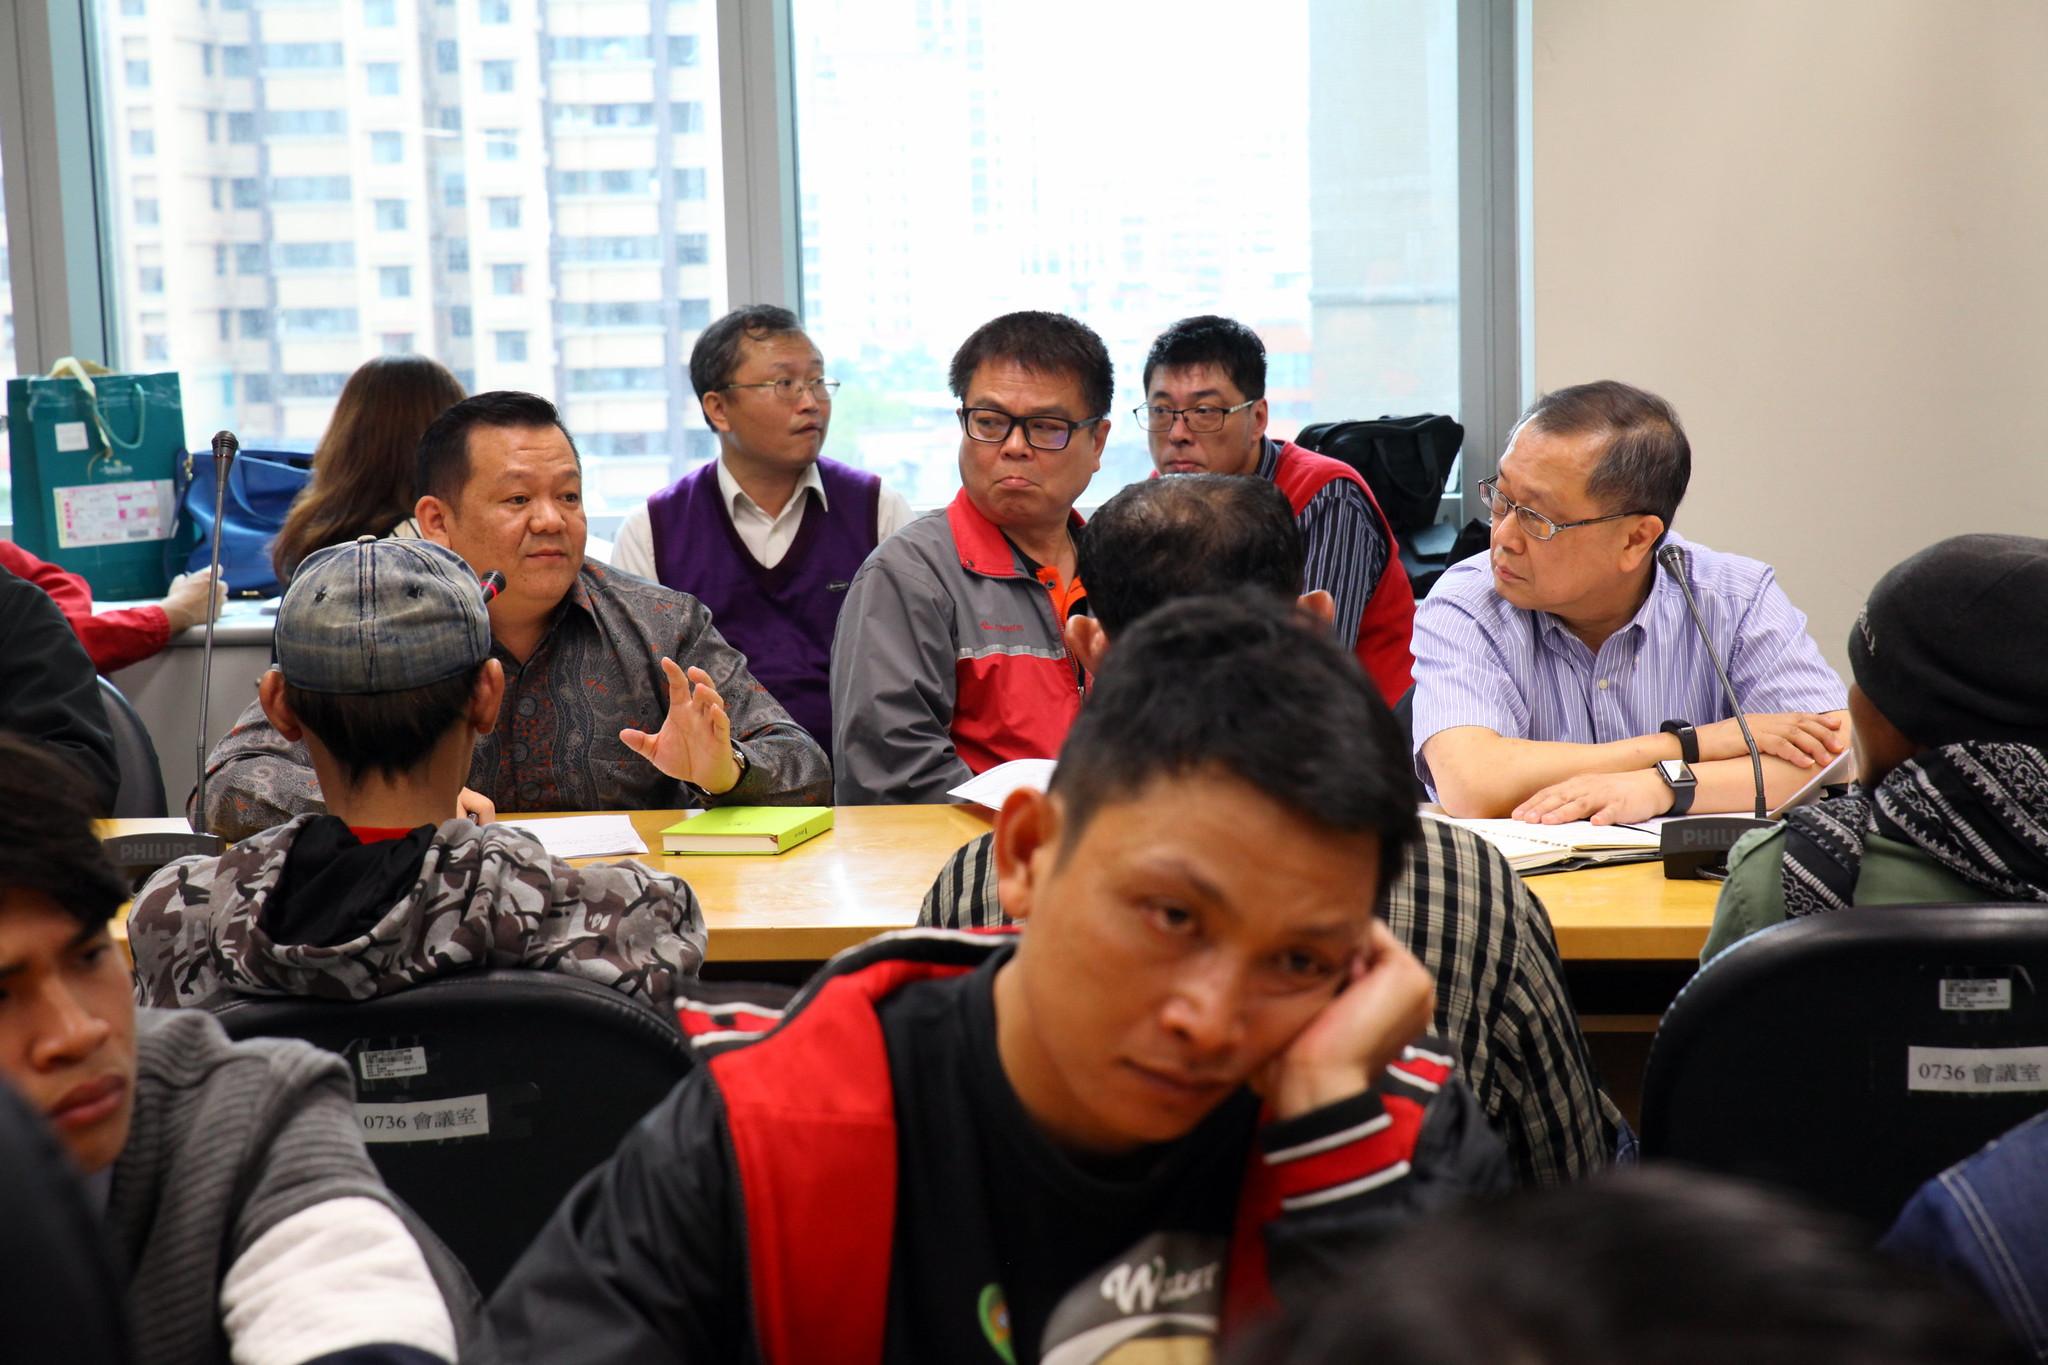 協調會過程,最前方無奈表情者為移工,後方右邊藍色襯衫為人力仲介揚運的董事長高壽濤。(攝影:陳逸婷)